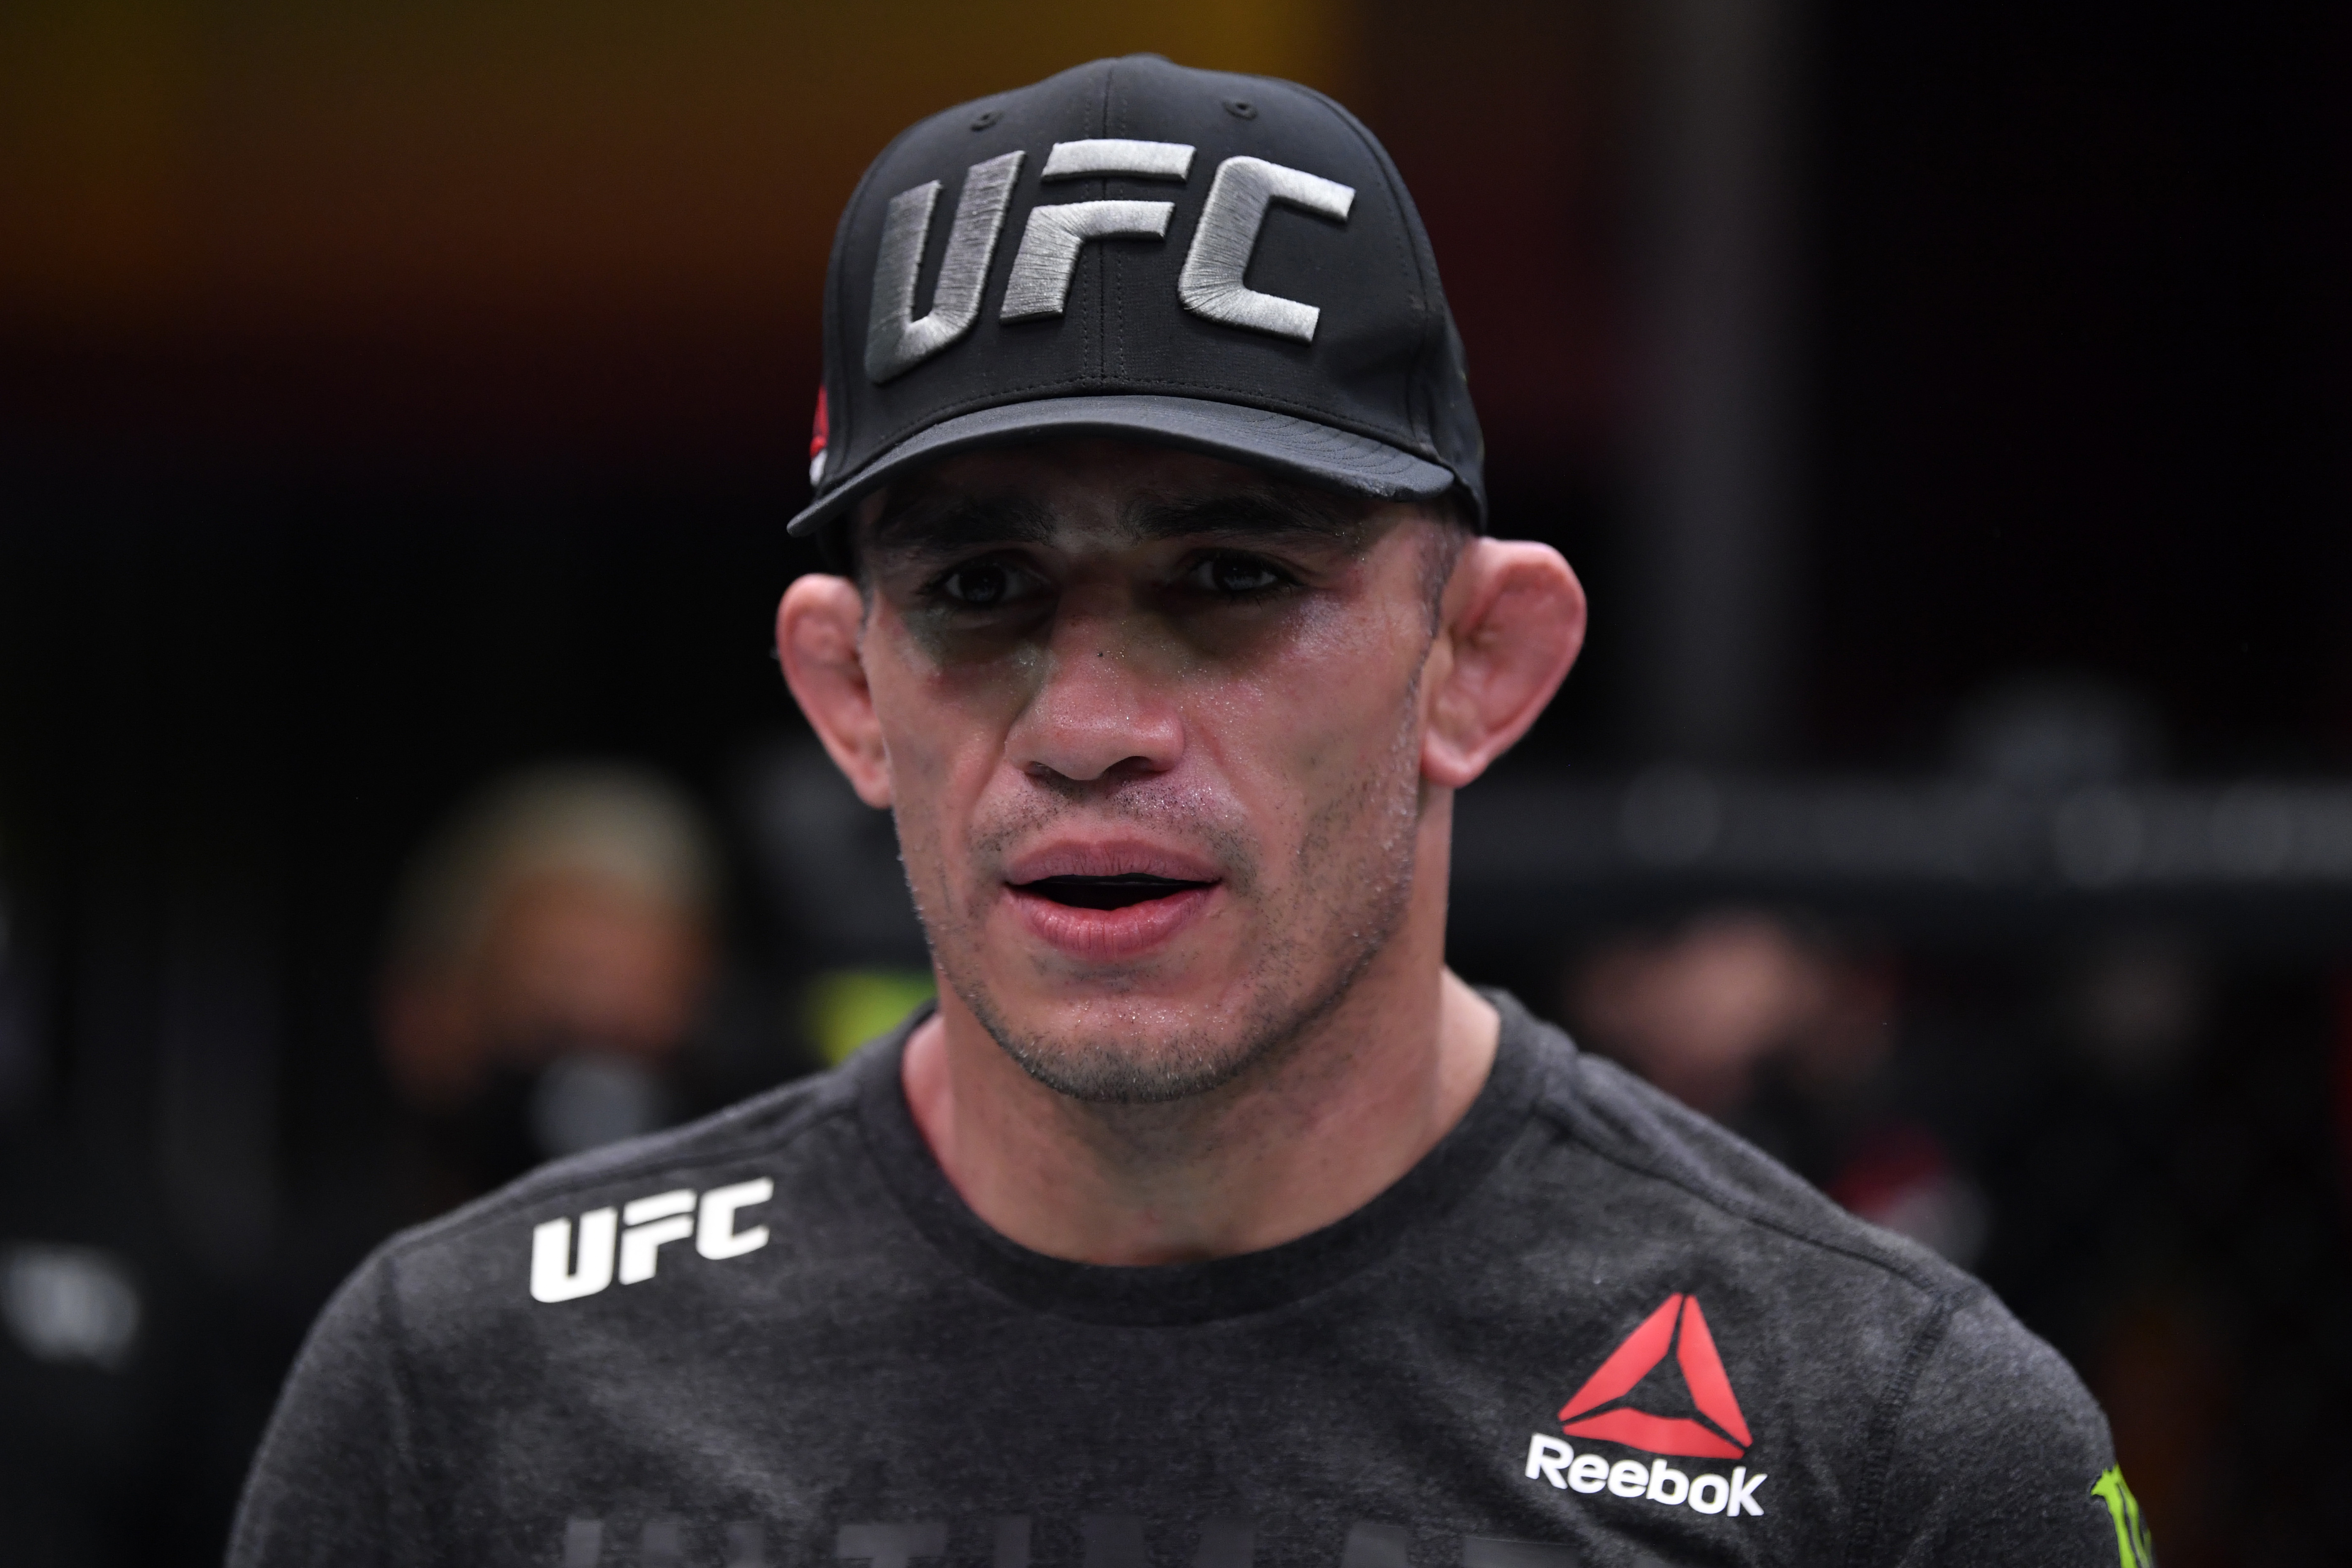 2020年12月12日,在内华达州拉斯维加斯举行的UFC APEX第256届UFC赛事中,托尼·弗格森在与巴西选手查尔斯·奥里韦拉(Charles Oliveira)进行轻量级比赛后的反应。